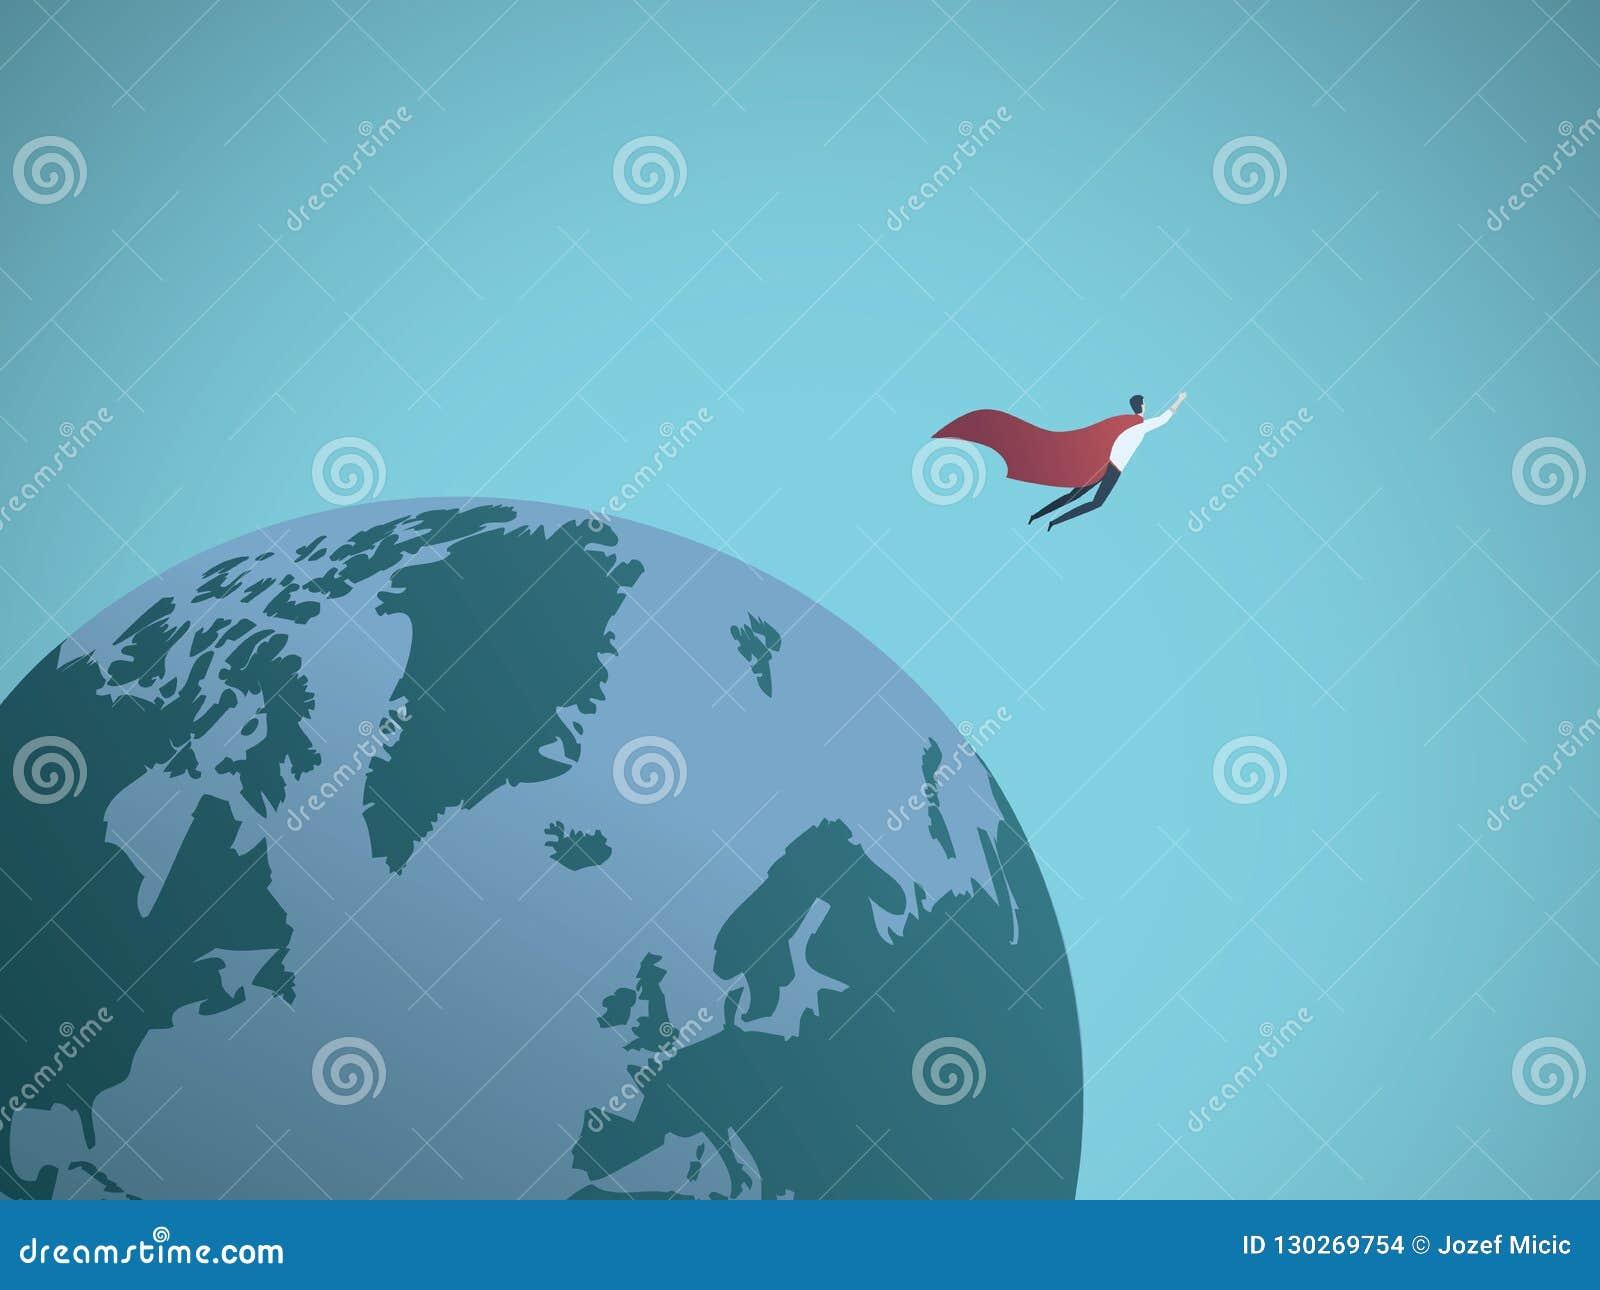 Geschäftsmannsuperheld, der auf der ganzen Welt Vektorkonzept fliegt Symbol der Macht, Führung, Erfolg